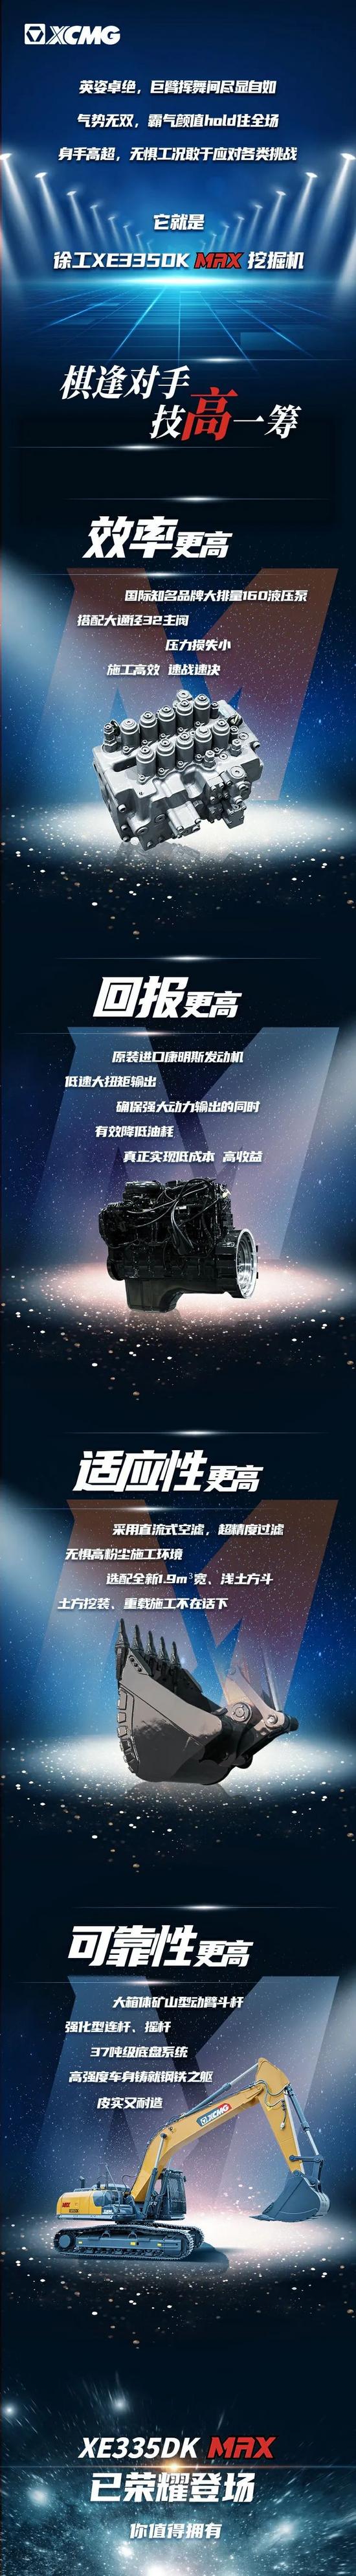 徐工XE335DK MAX | 高效王,实力碾压全场!